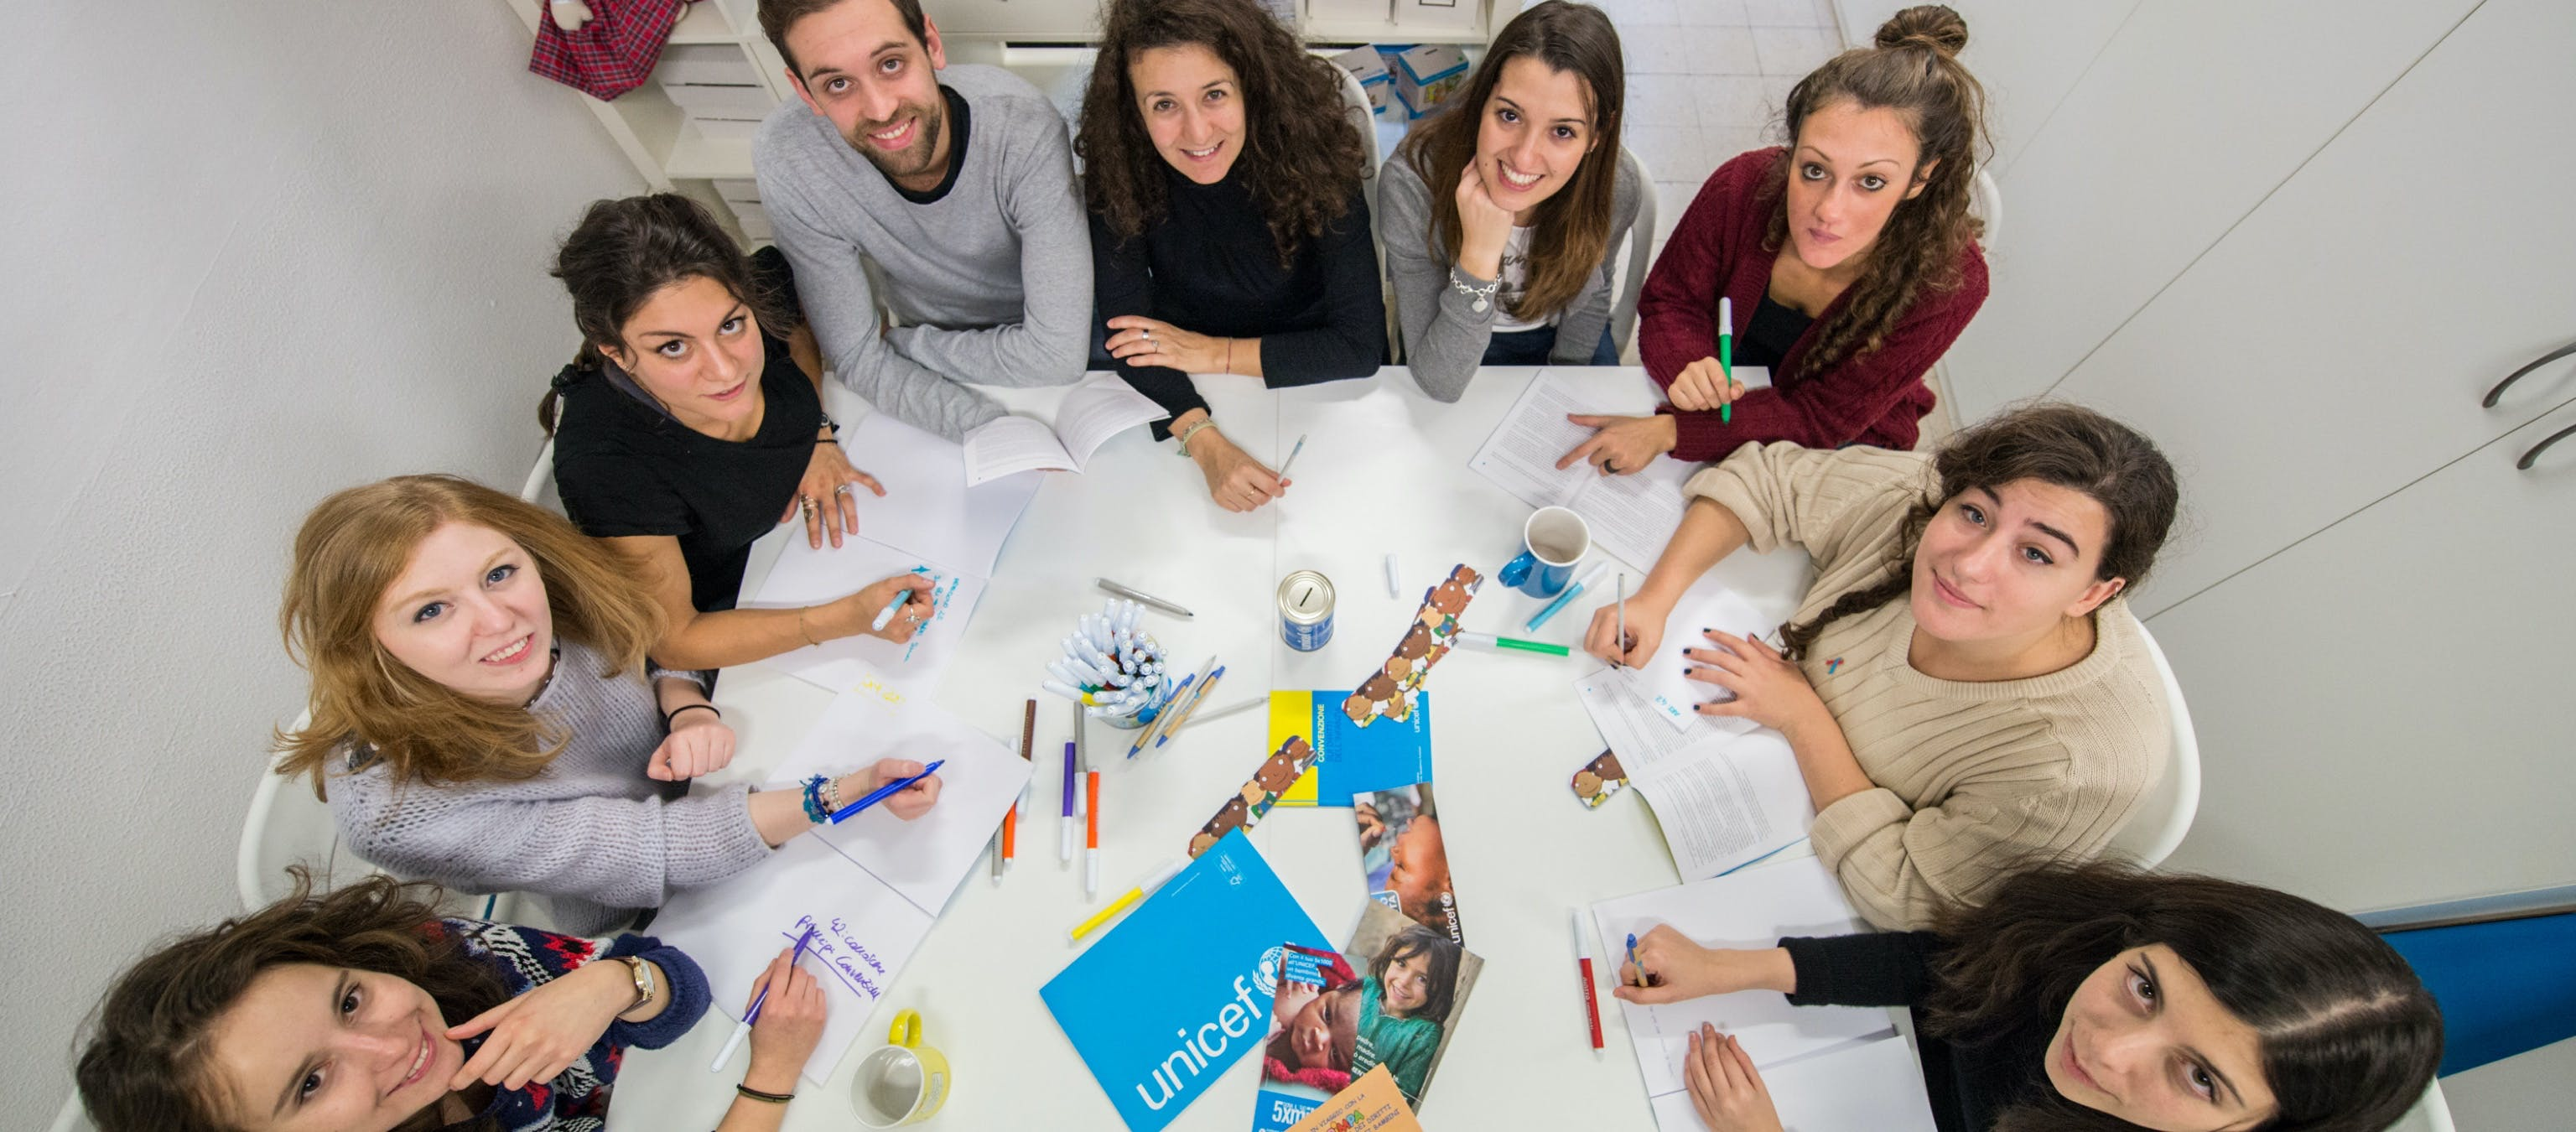 Volontari YOUNICEF attorno a un tavolo durante delle attività